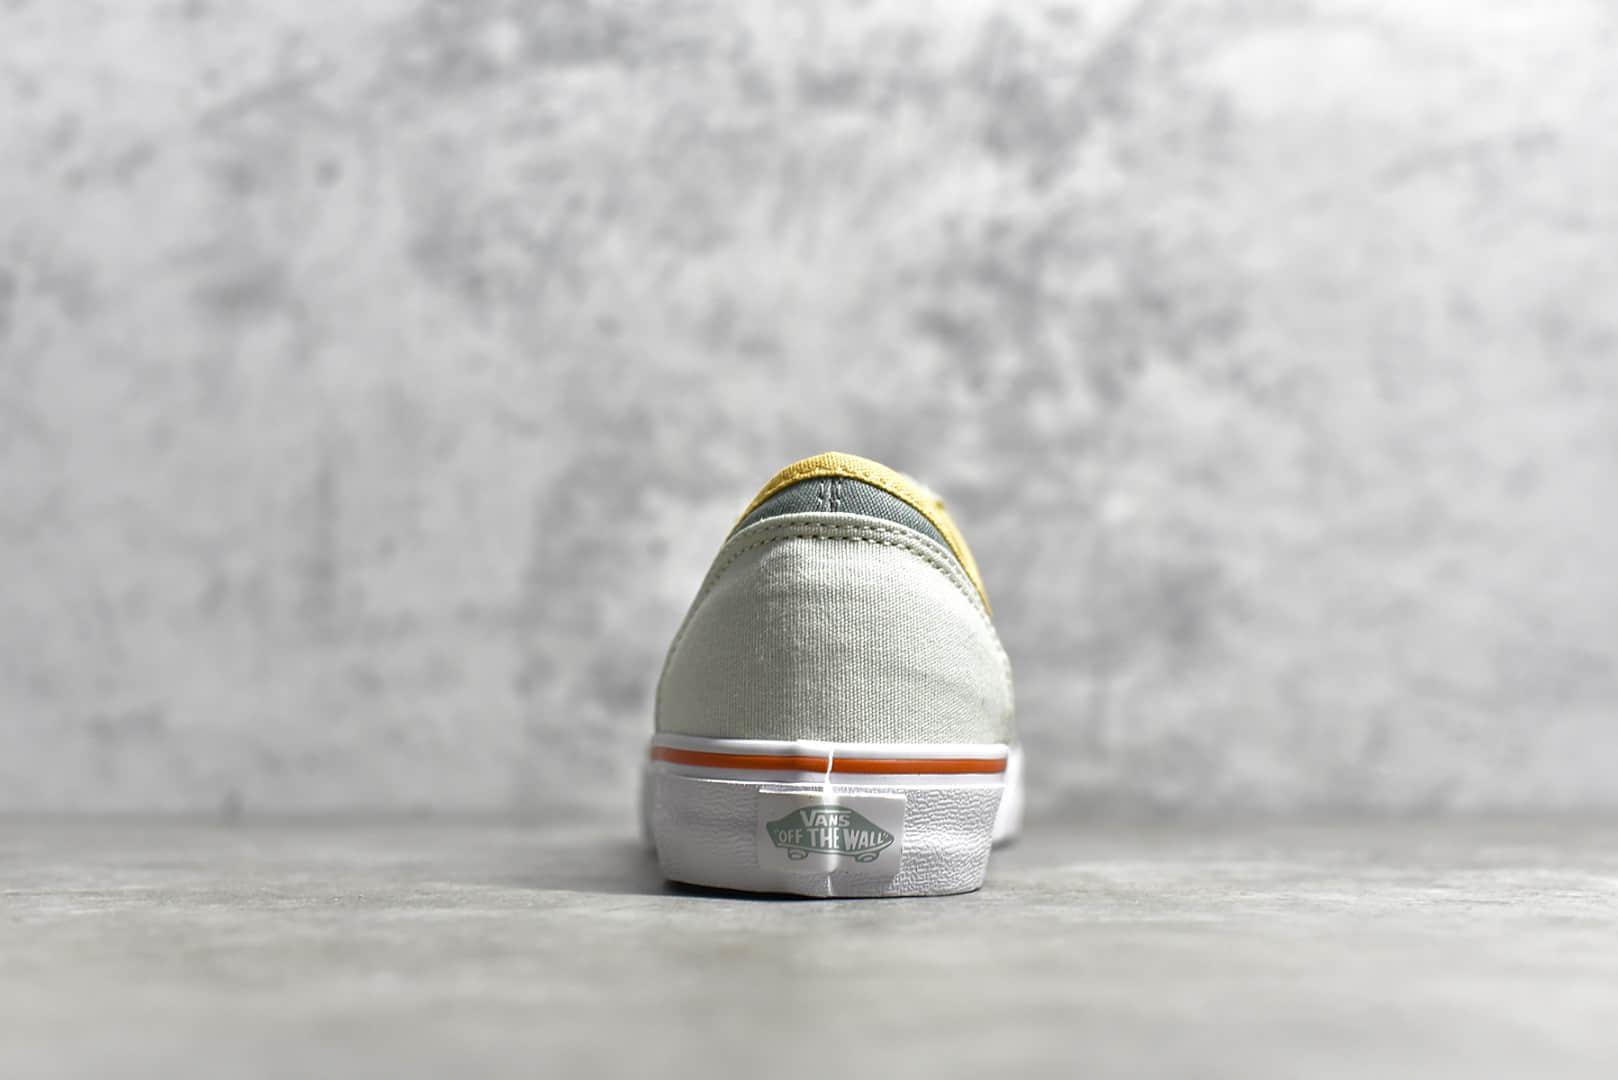 万斯Style36低帮冲浪板鞋 Vans Surf 万斯撞色低帮Style36 莆田顶级版本万斯硫化帆布鞋-潮流者之家